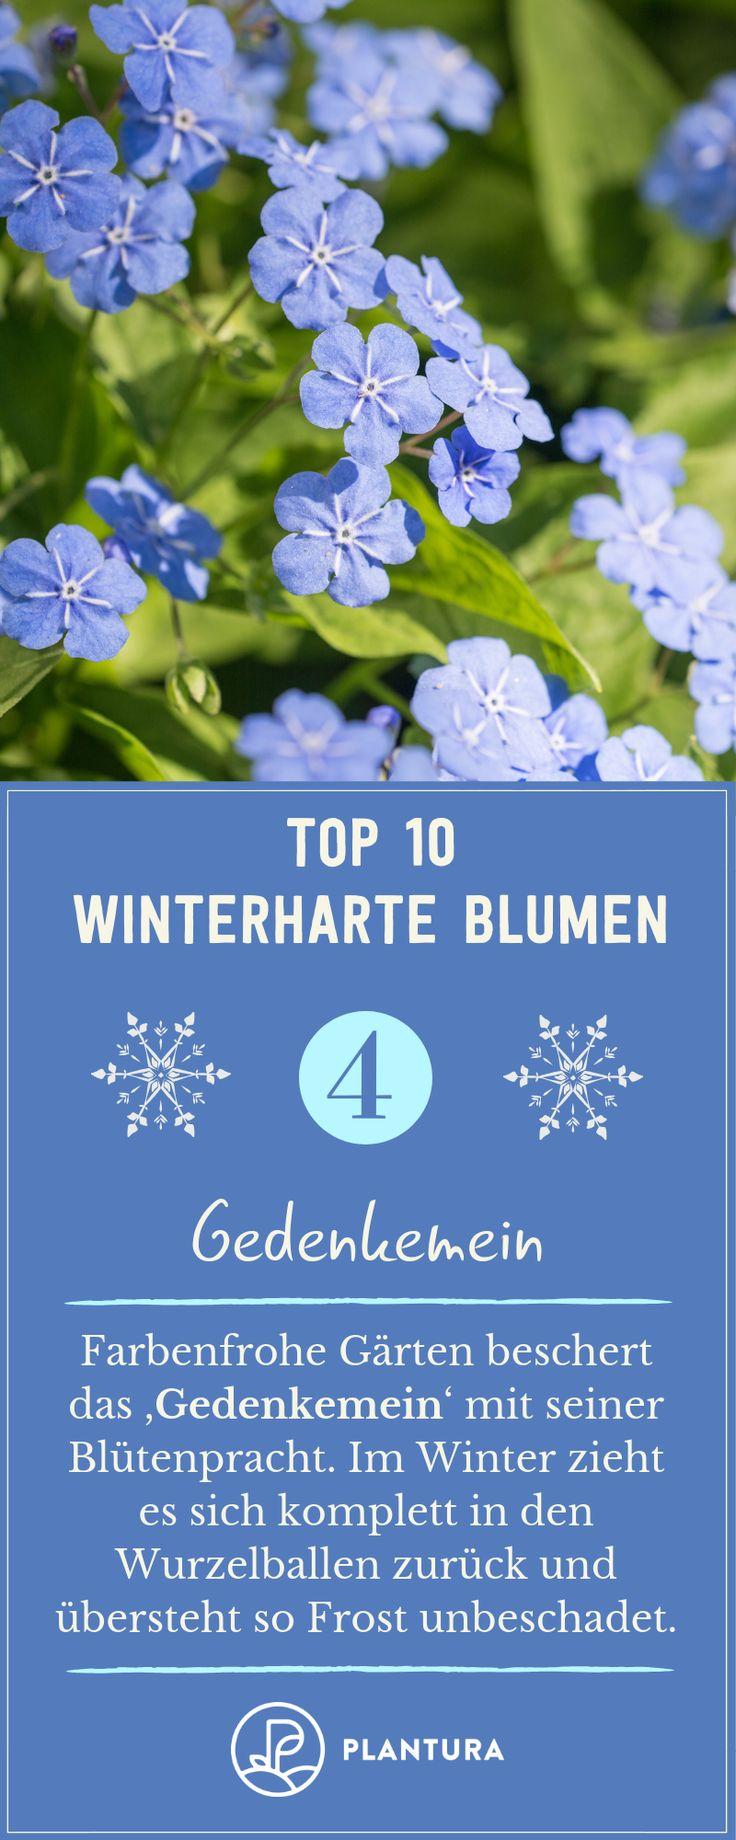 Winterharte Blumen: Die robusten Top 10 für Ihren Garten – Plantura | Garten Ideen & Tipps | Gemüse, Obst, Kräuter